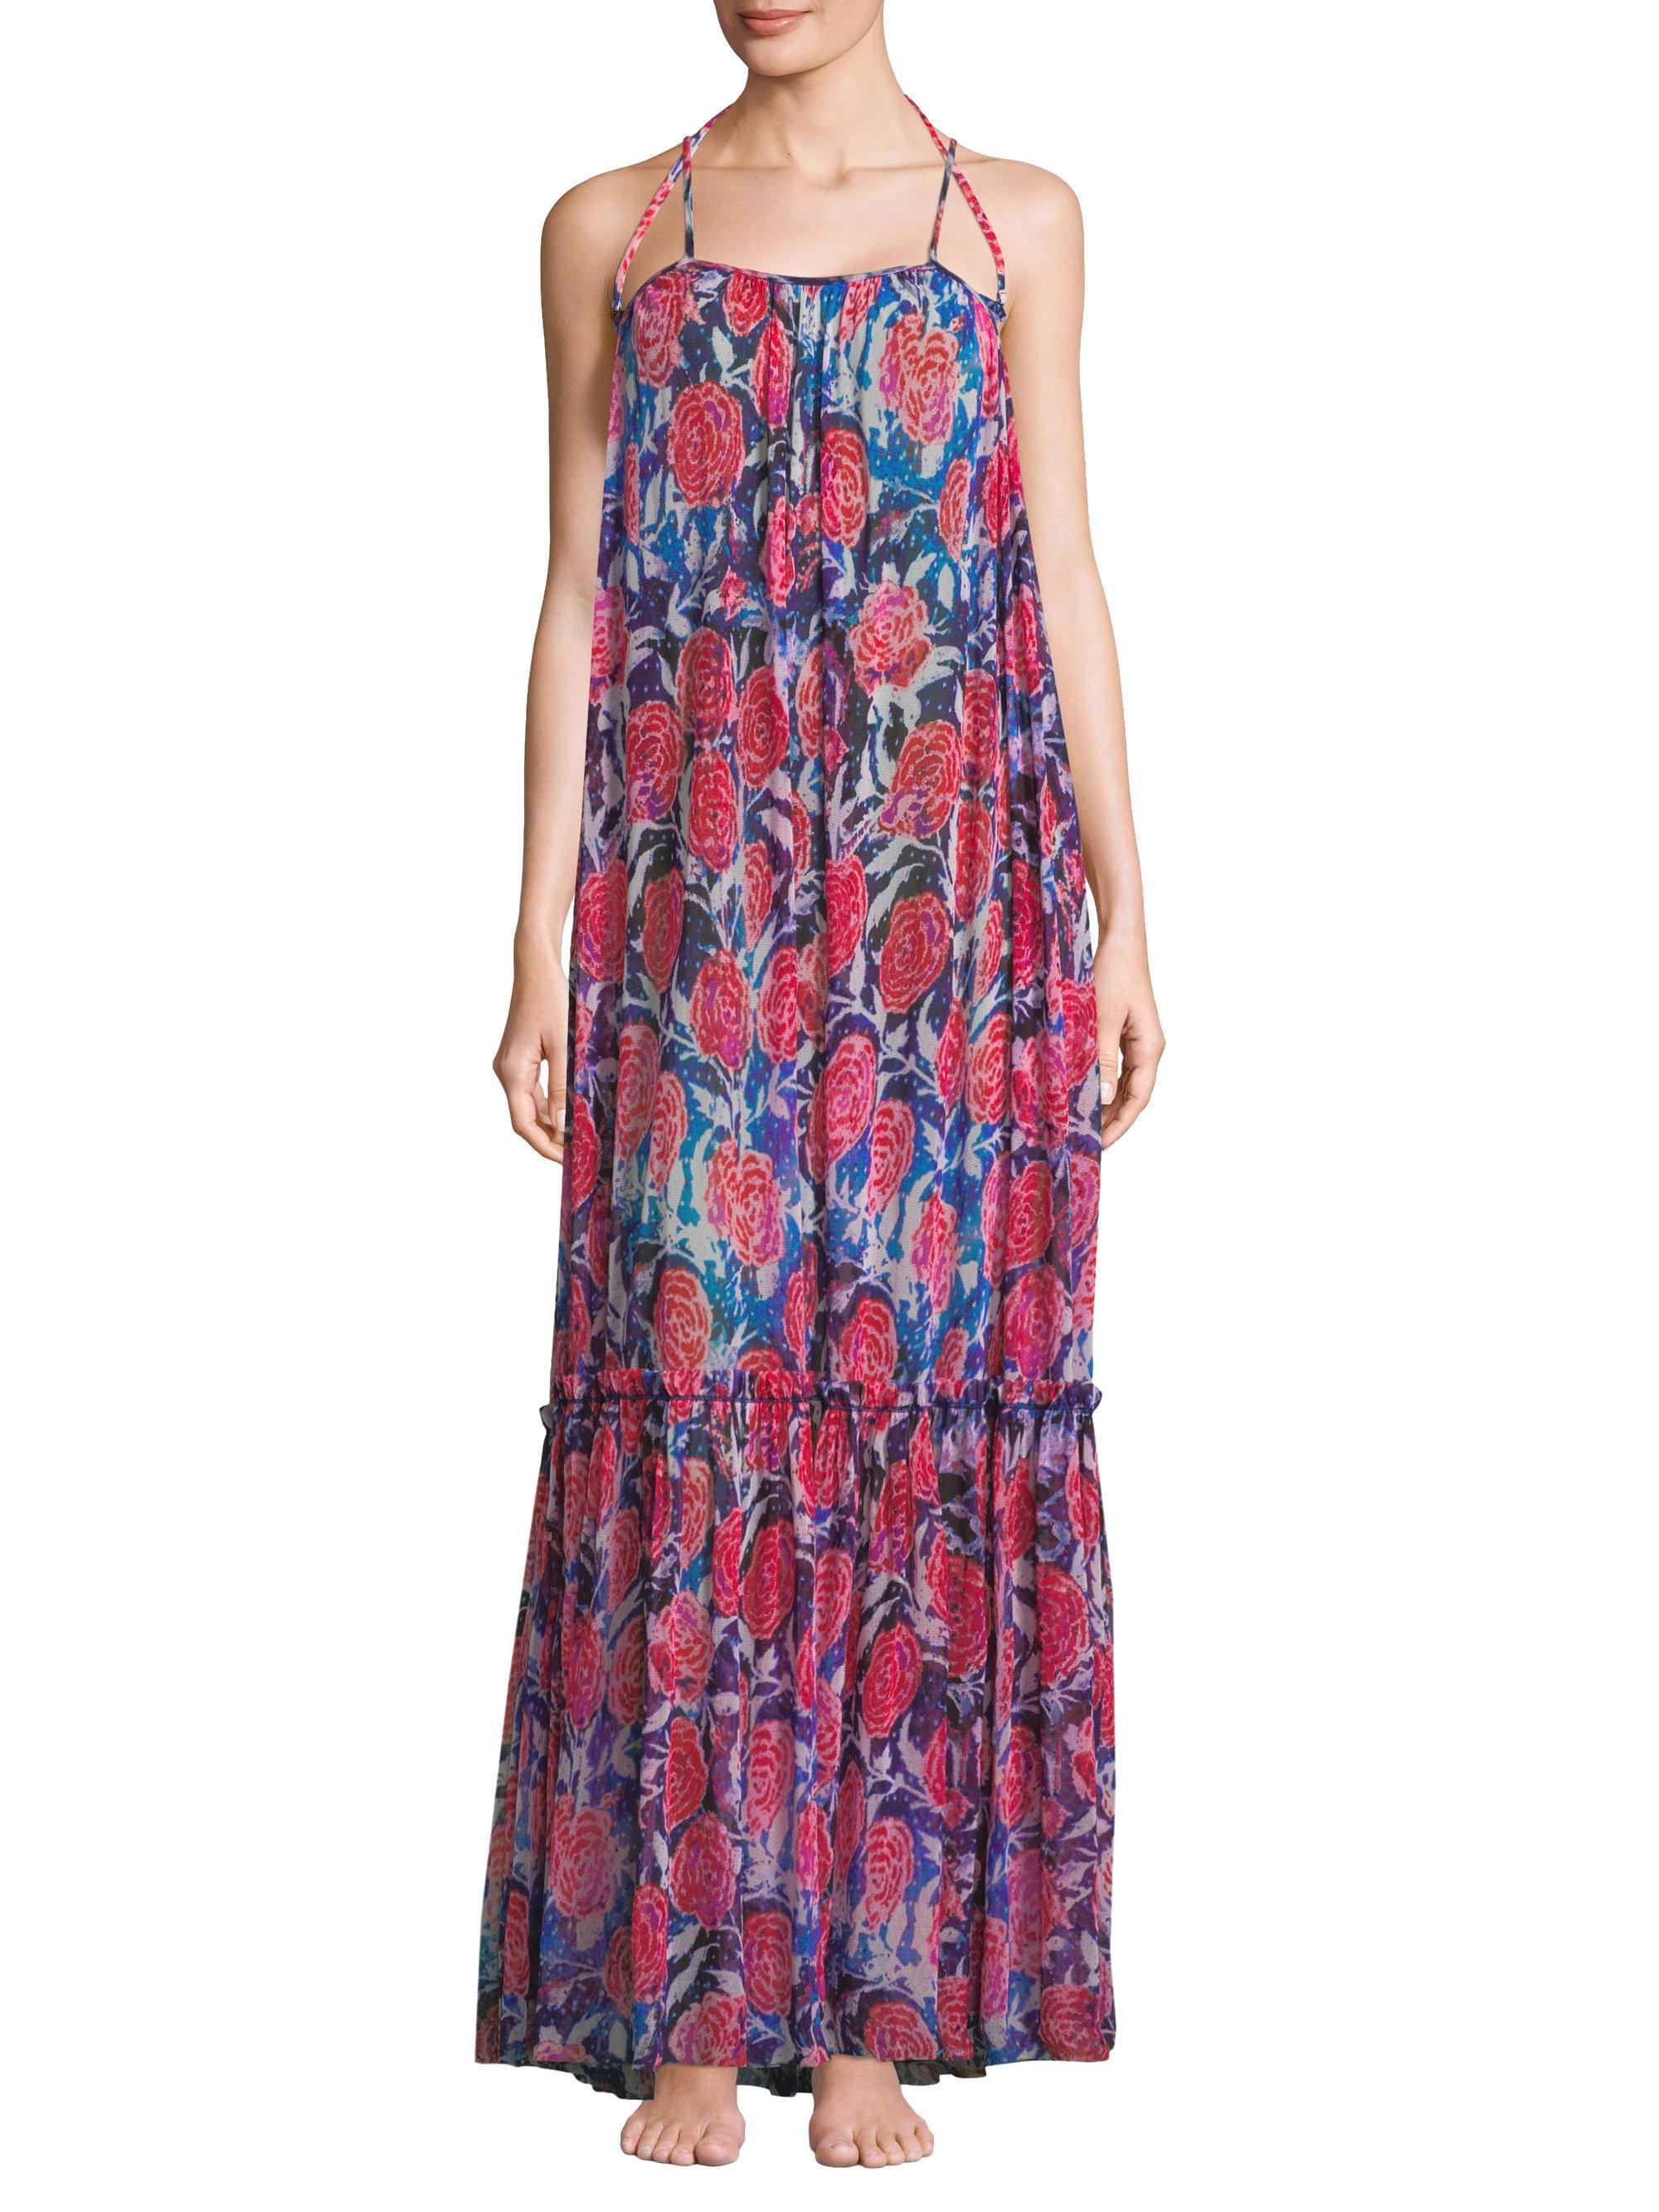 Lyst Fuzzi Long Floral Patio Dress in Blue